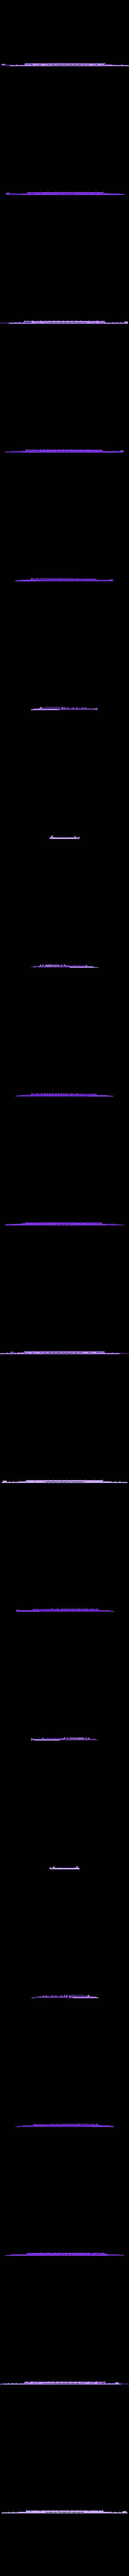 side.stl Télécharger fichier STL gratuit Boxcar russe série 11-270, échelle HO • Design pour impression 3D, positron